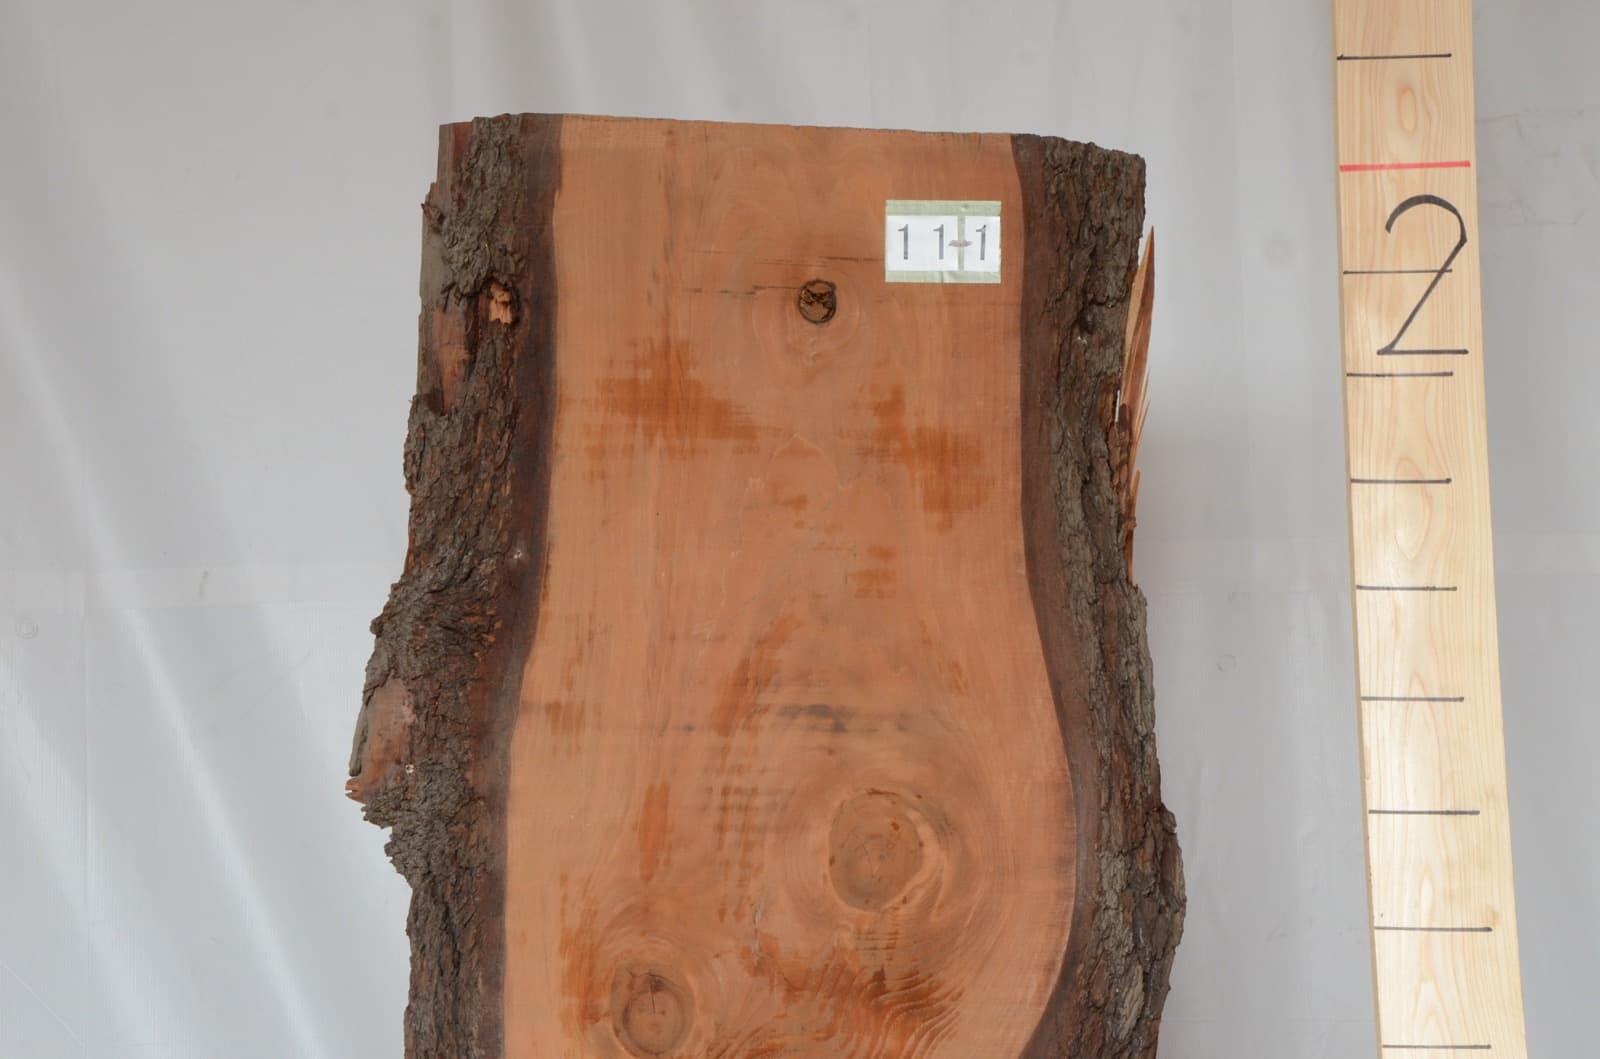 11-001 ヒマラヤ杉 (スギ) 一枚板 ときがわ木材有限会社(埼玉県ときがわ町)